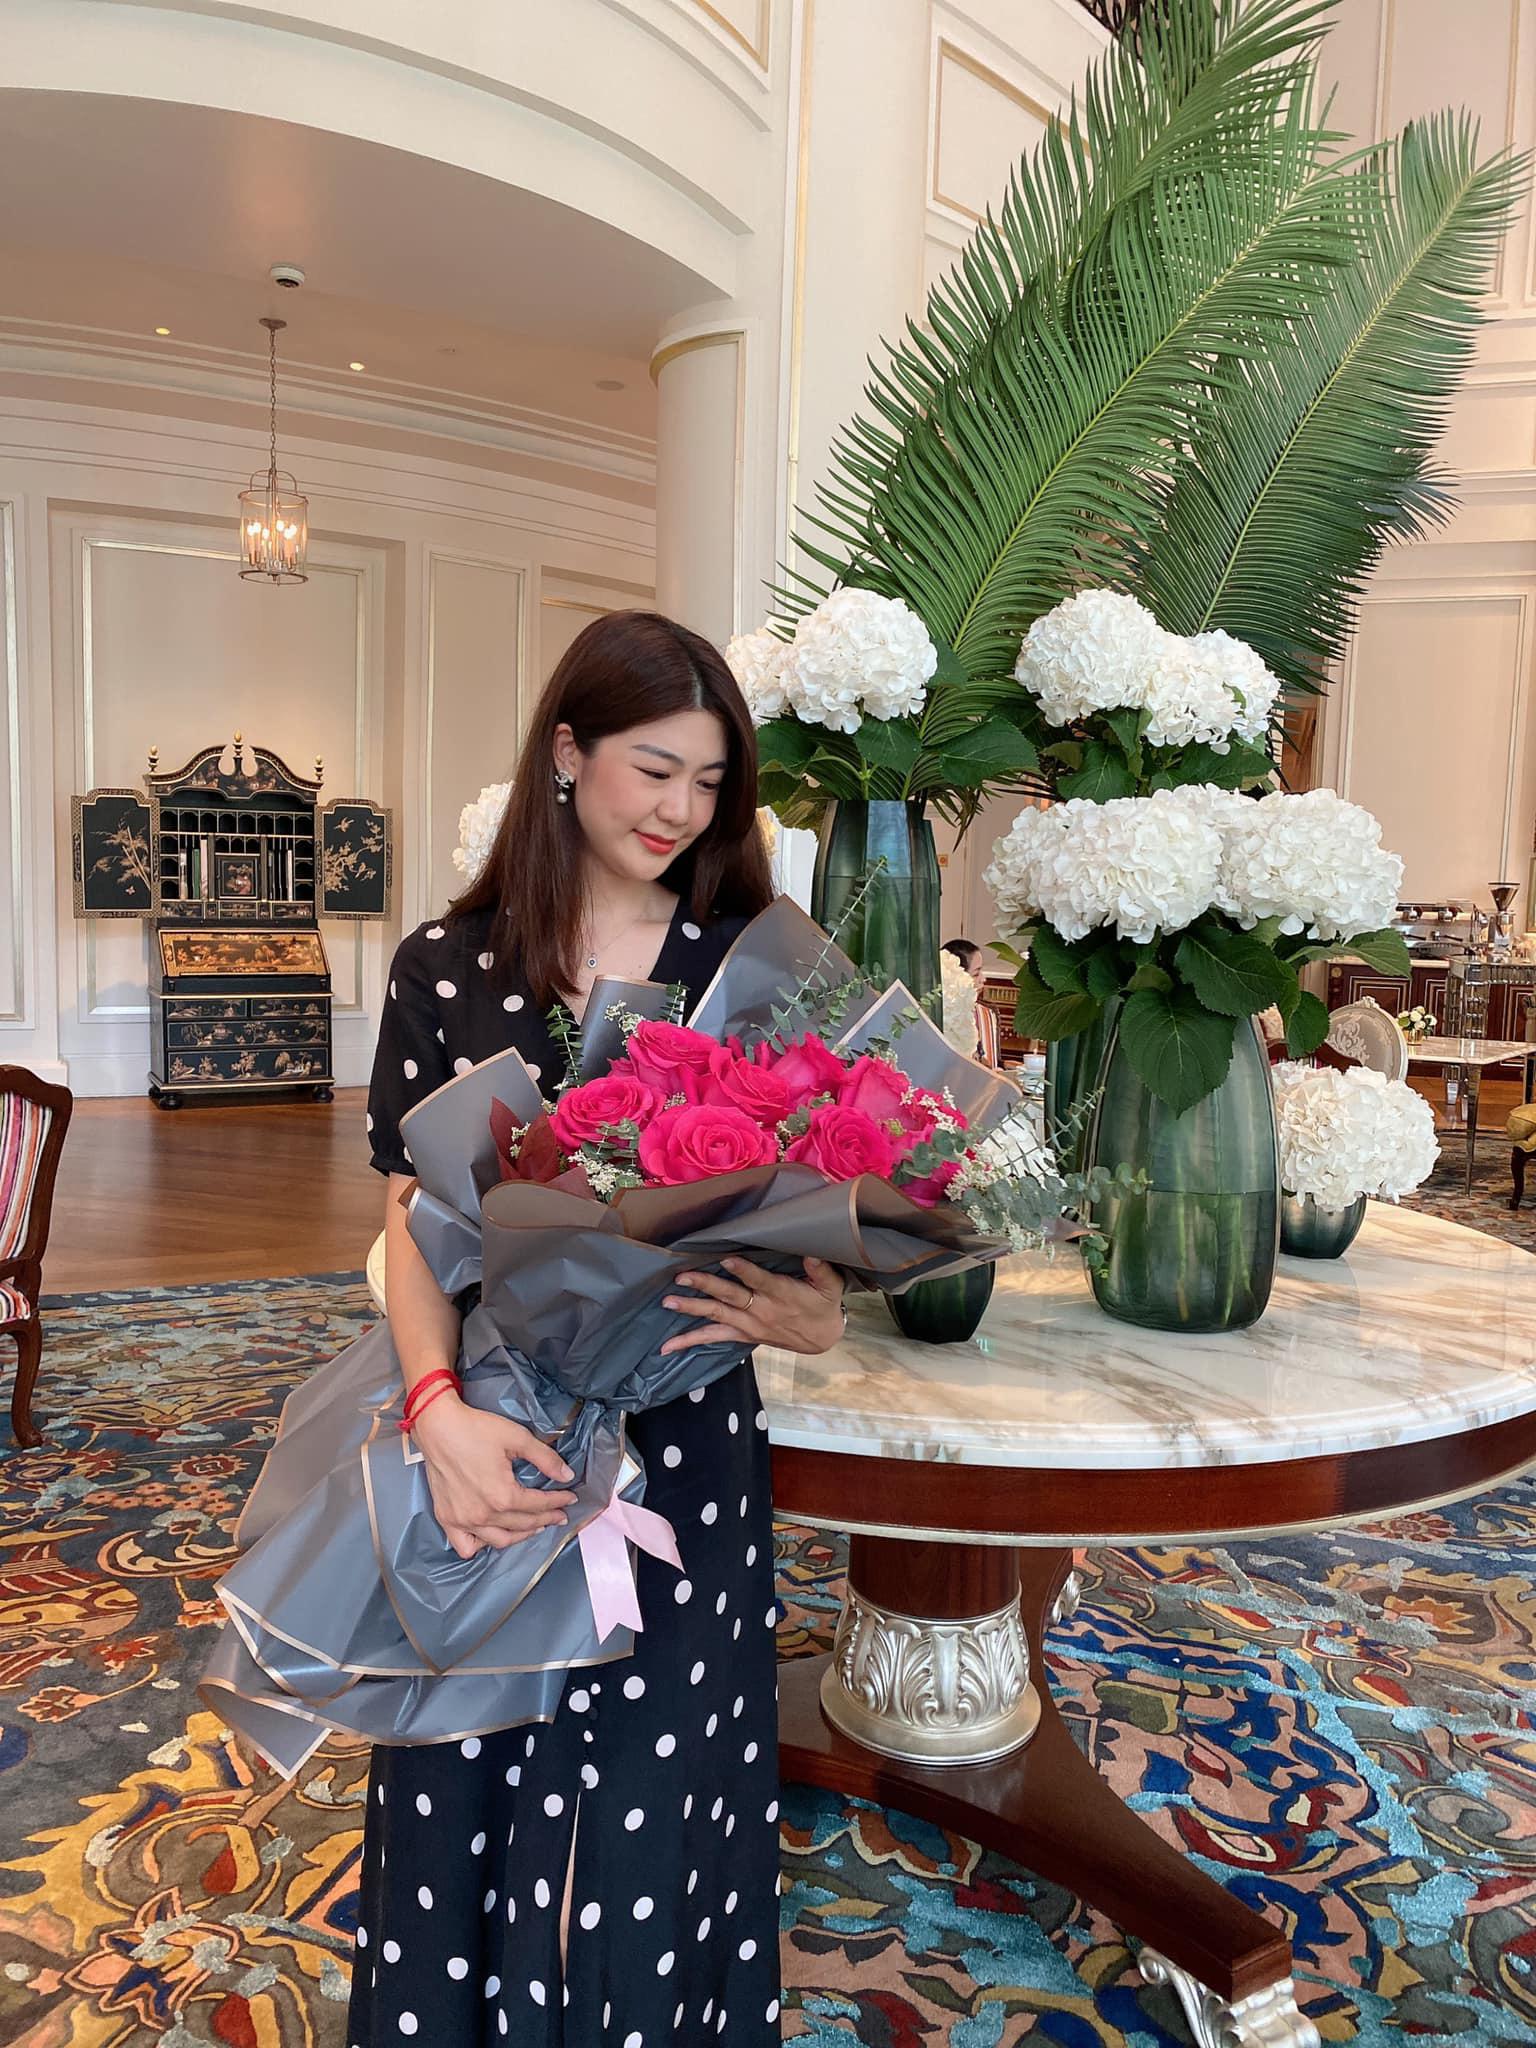 Nữ cơ trưởng Huỳnh Lý Đông Phương đón tuổi 33 giản dị bên bạn bè người thân, nhan sắc ăn gian tuổi khiến chị em ghen tị vô cùng-1